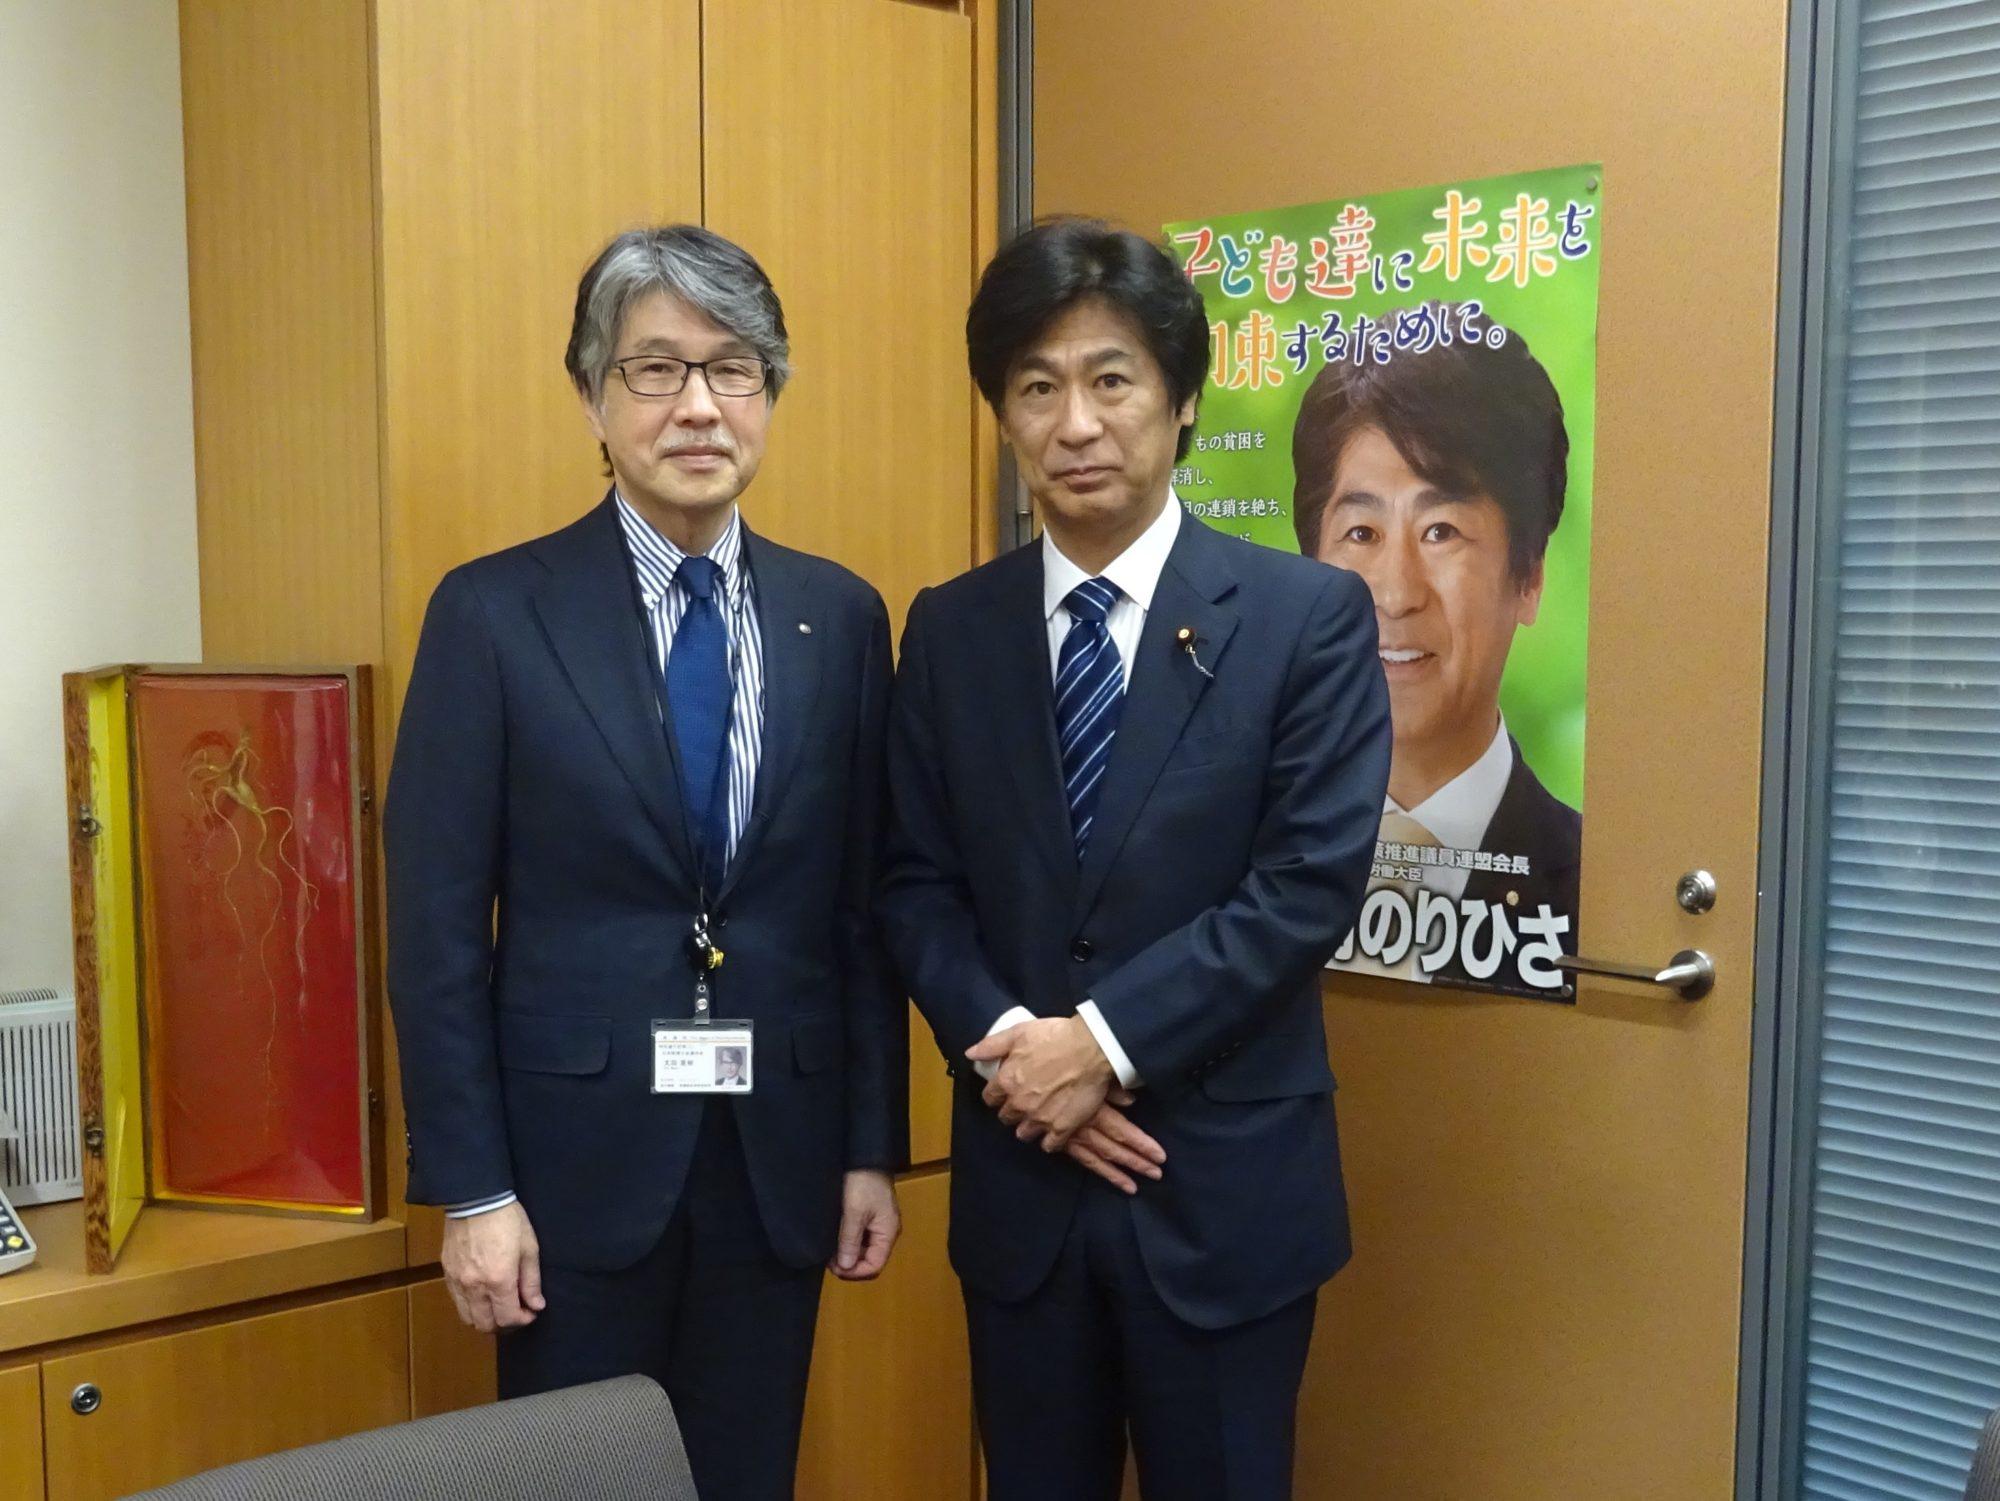 田村憲久議員を表敬訪問しました。 - 日本税理士政治連盟